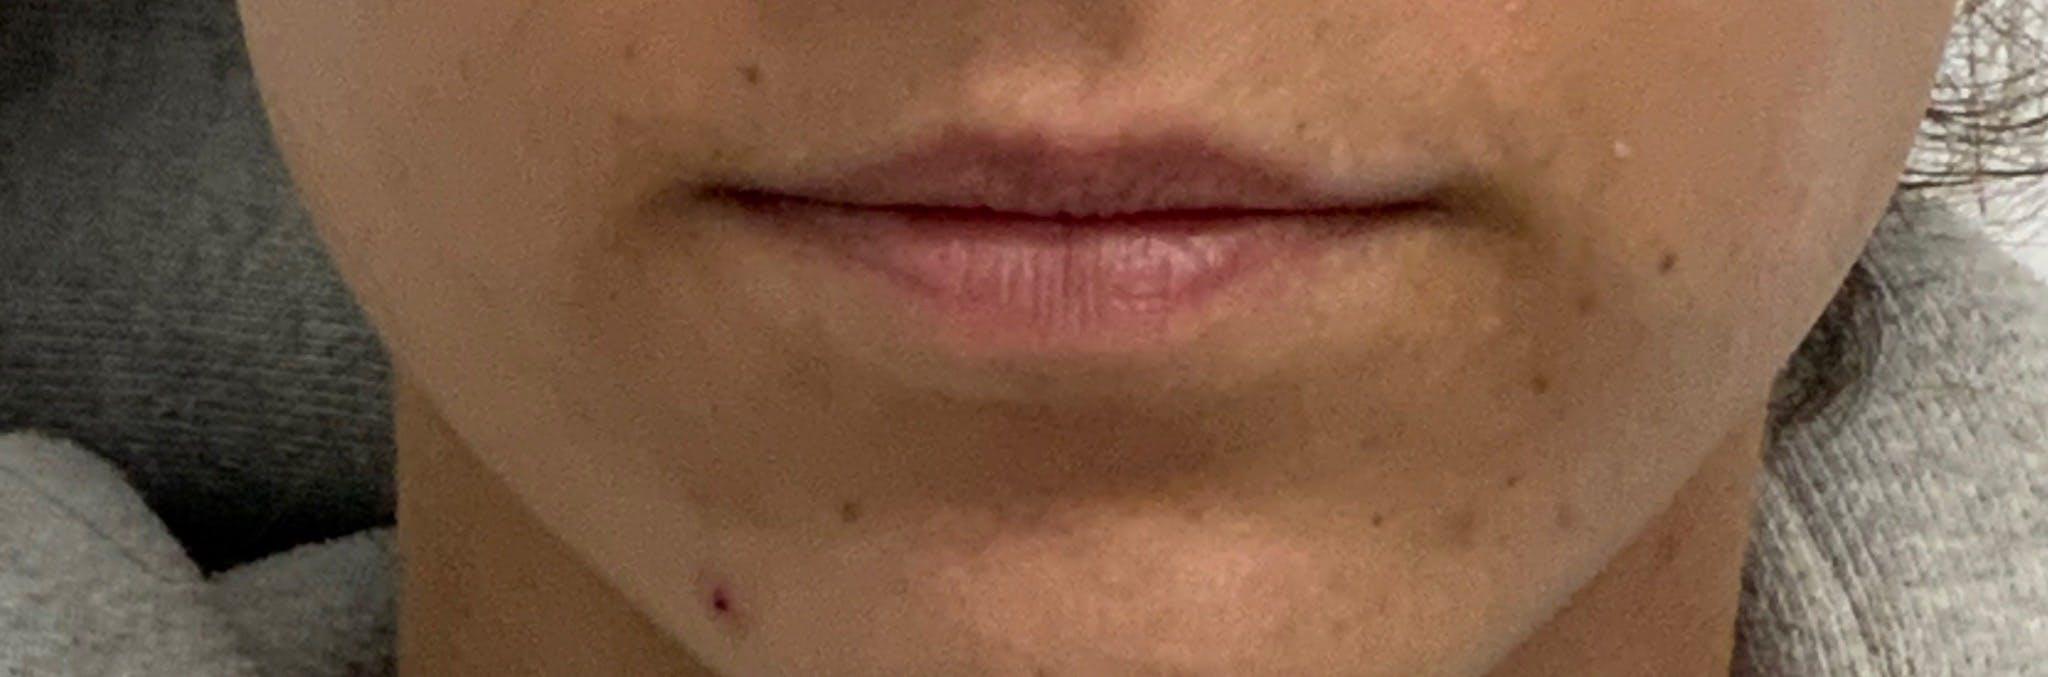 Lip Filler Gallery - Patient 56161105 - Image 1